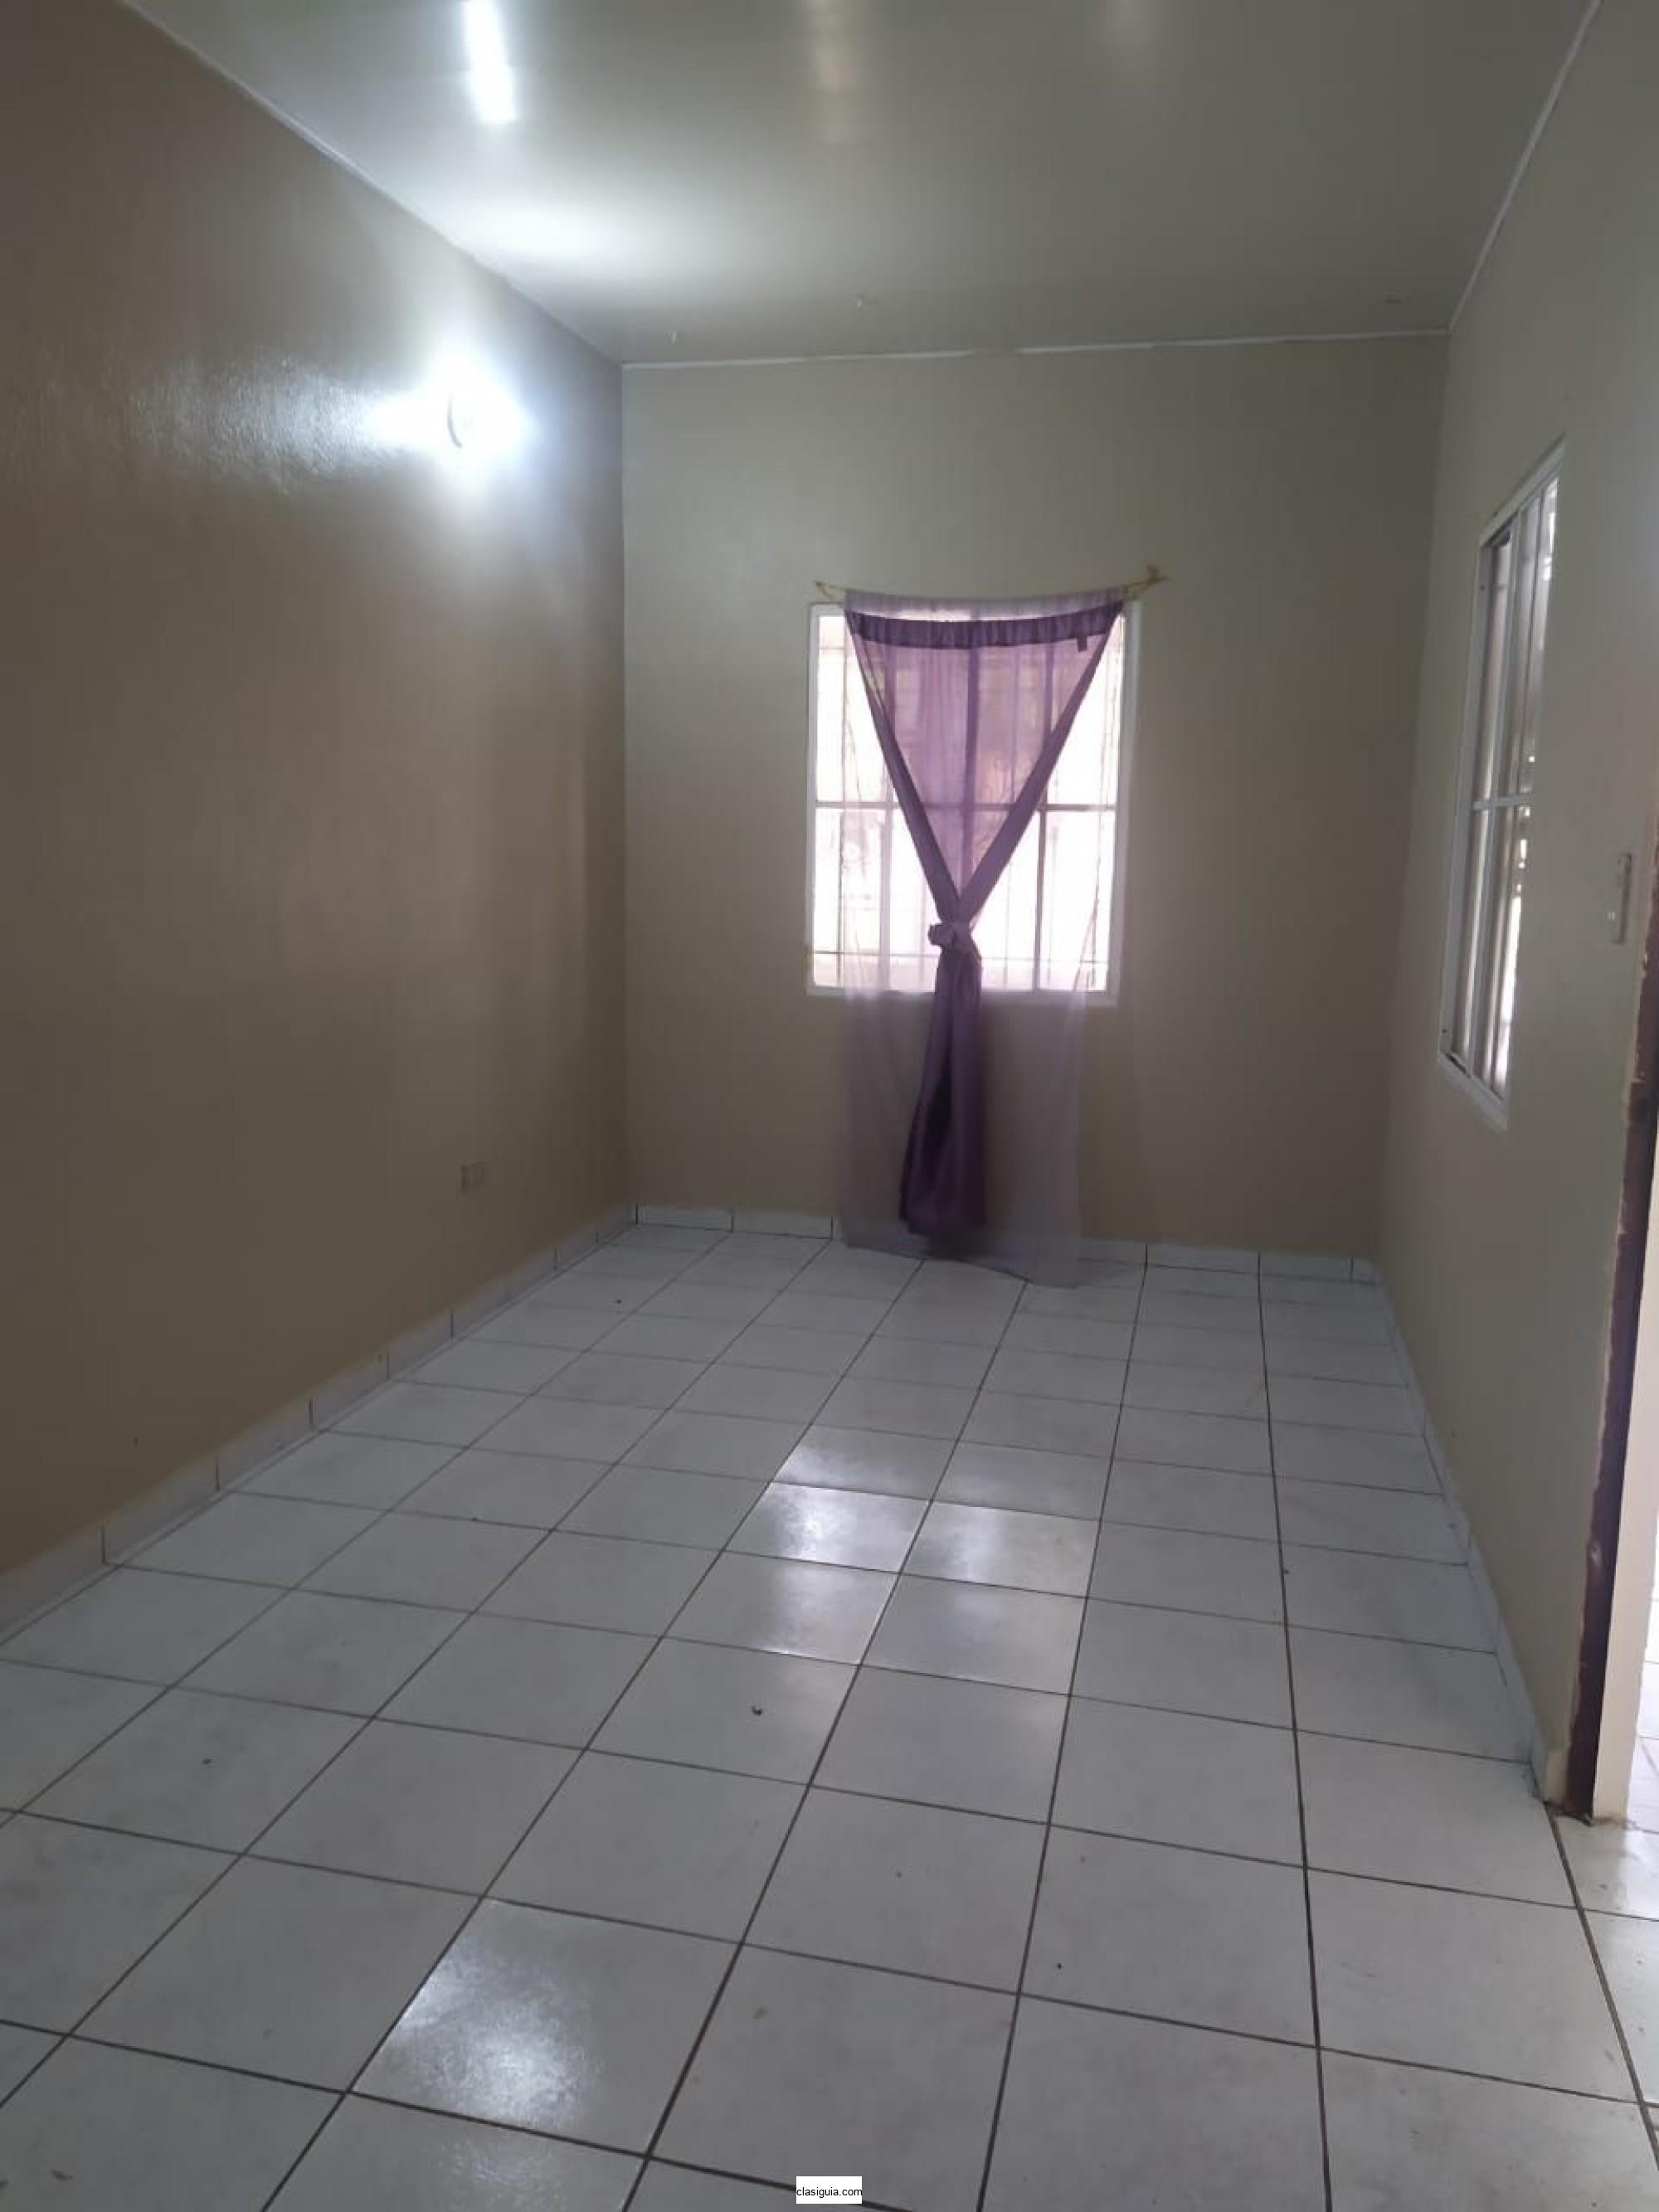 Vendo casa en privado, Resid. Tenerife 2, Cdad. Real, Santa Ana